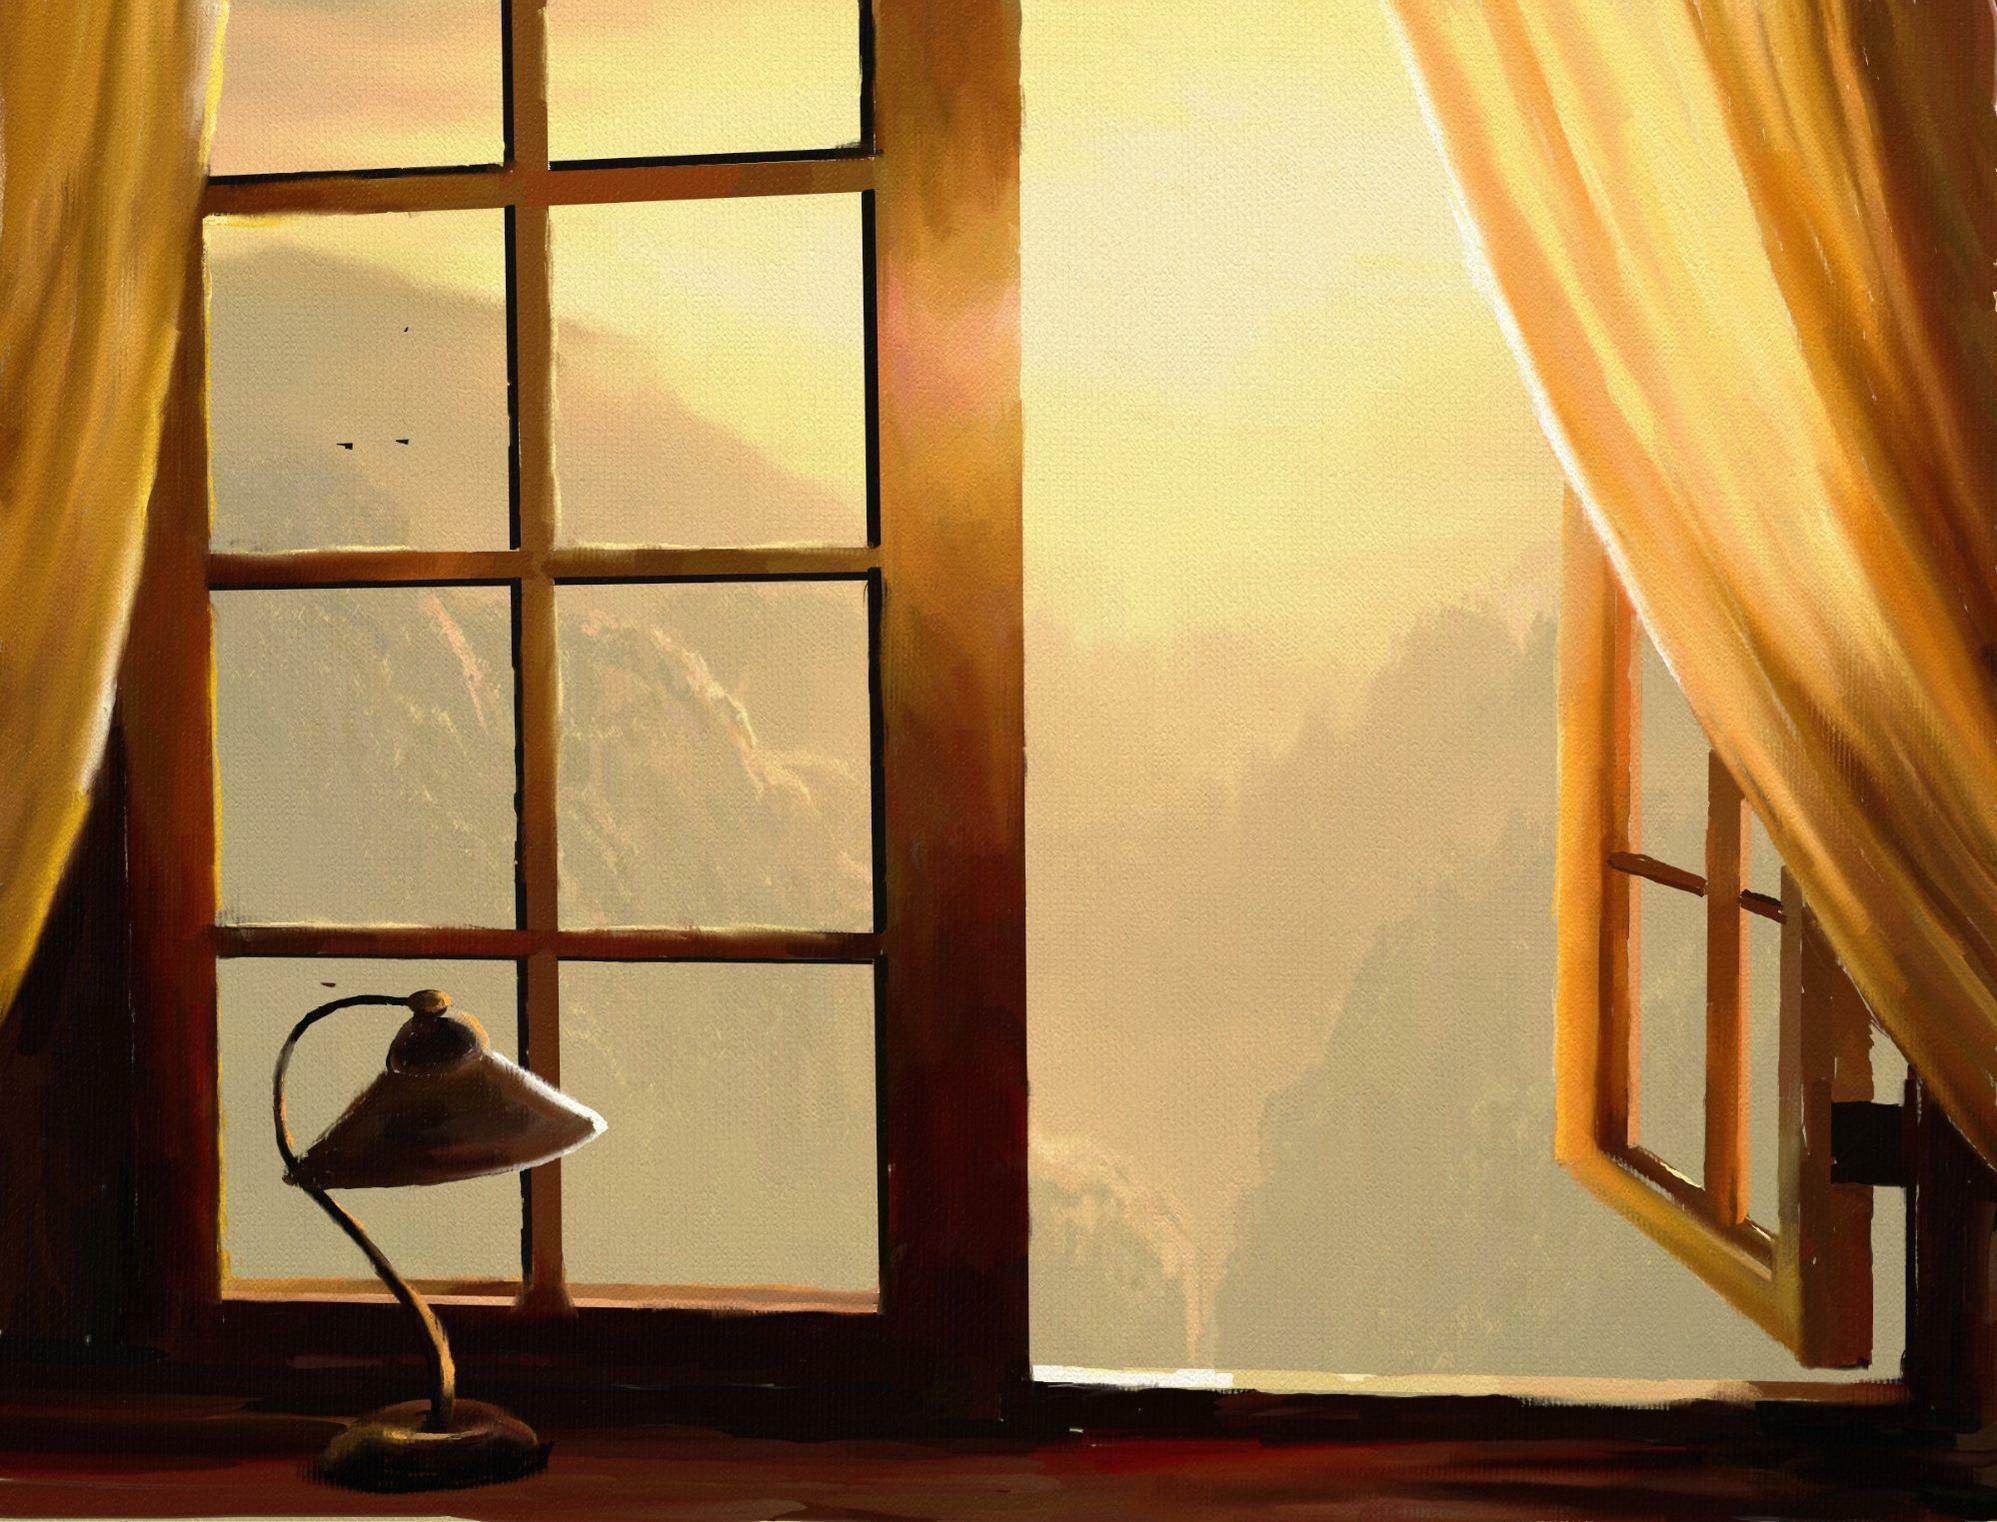 Картинка в окне, петербургский алфавит дети